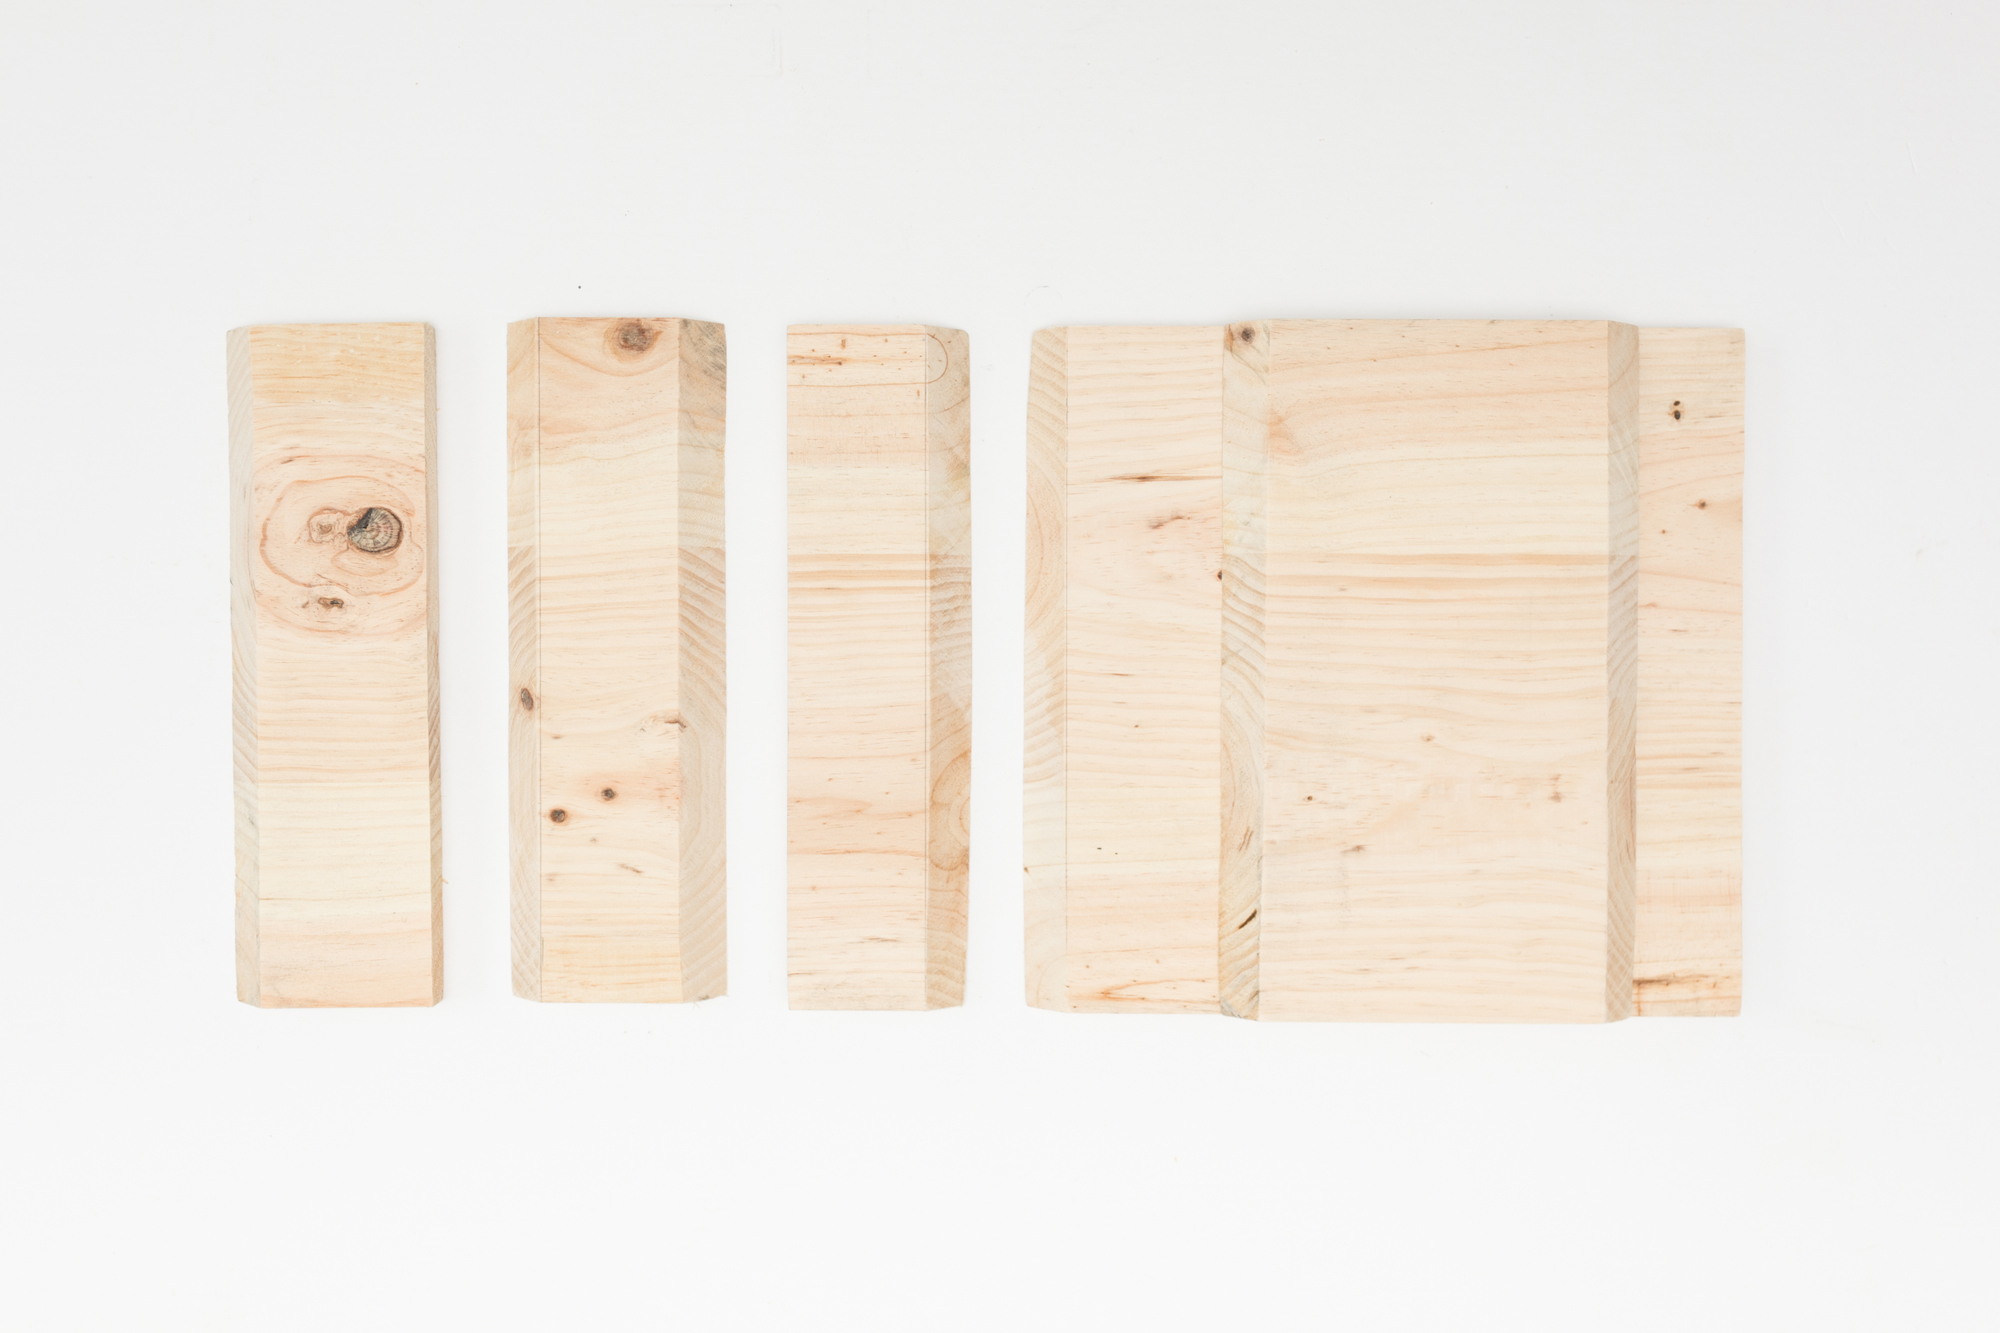 plateau-canape-diy-wood-2